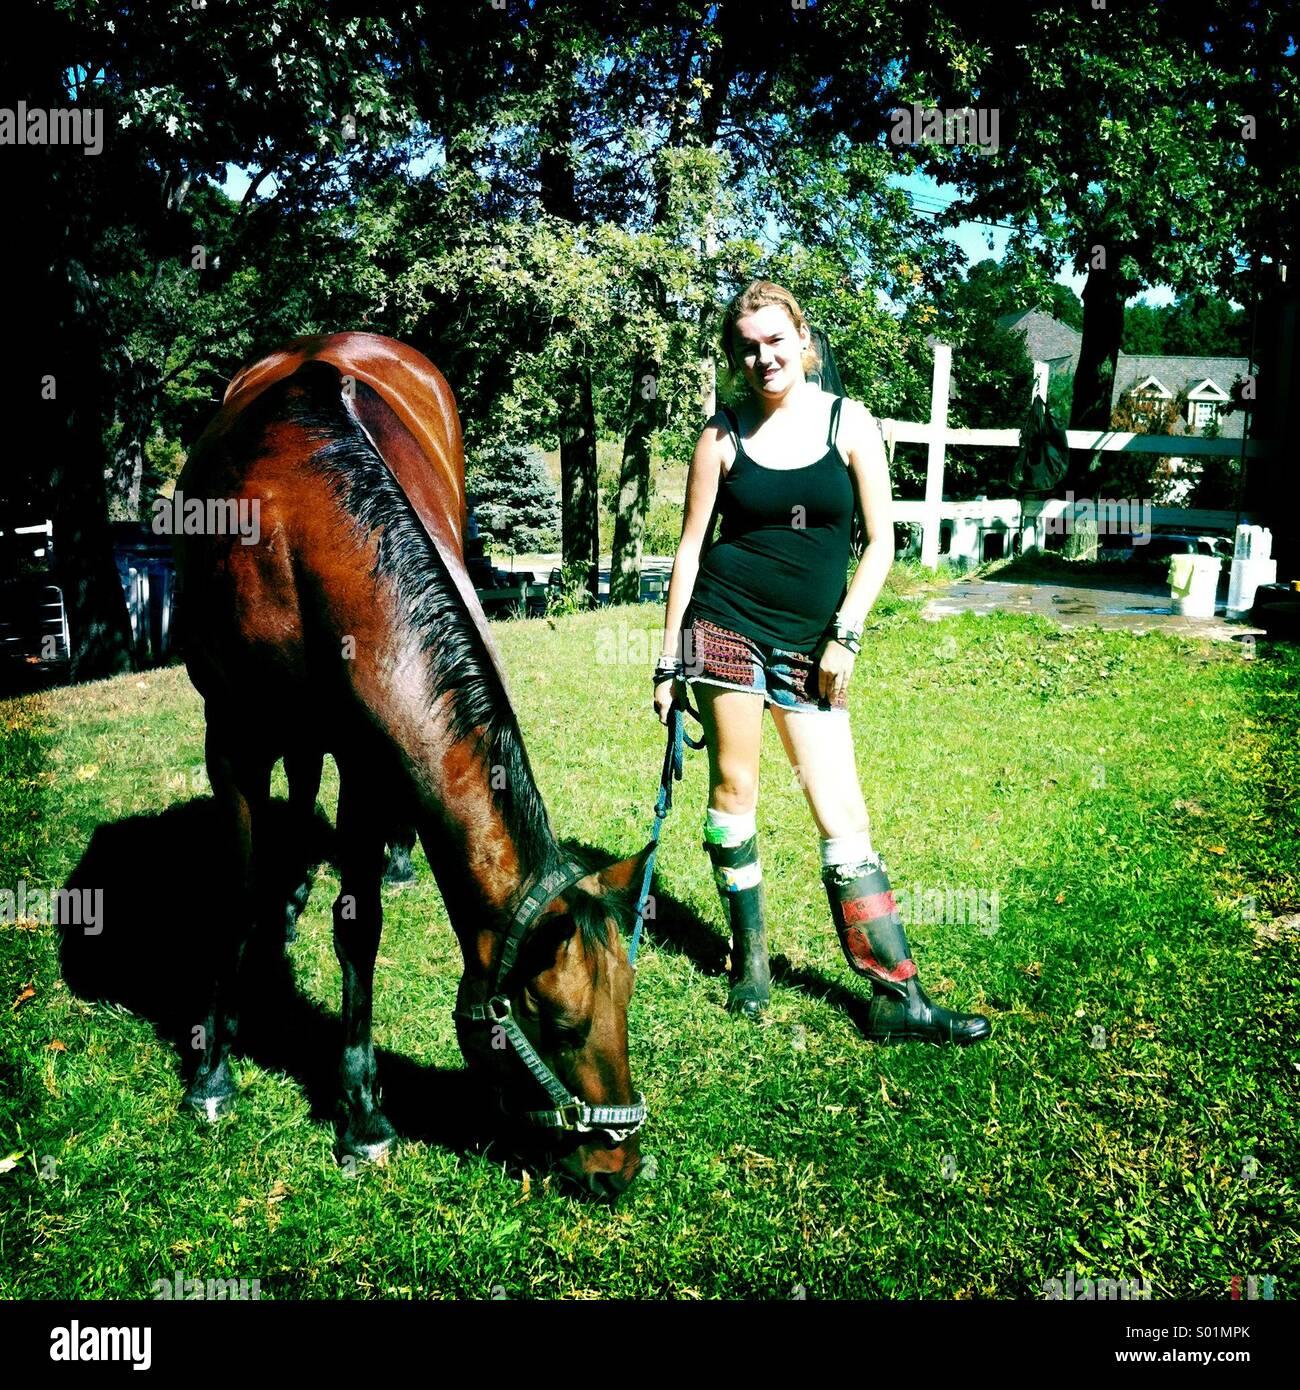 Adolescente avec son cheval mange de l'herbe Photo Stock